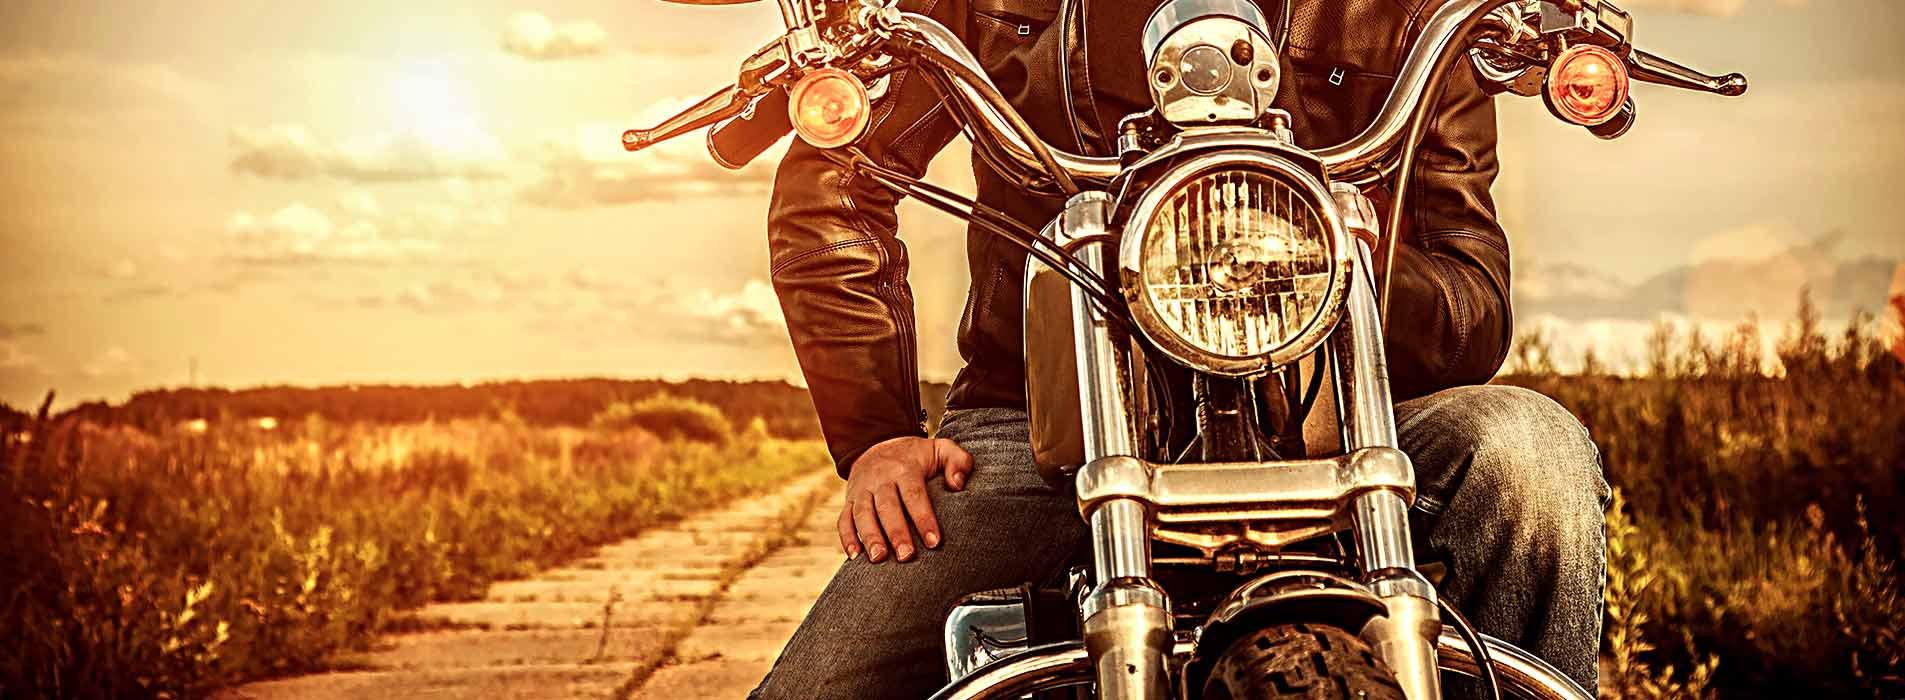 Vente de moto et pièces détachées moto occasion